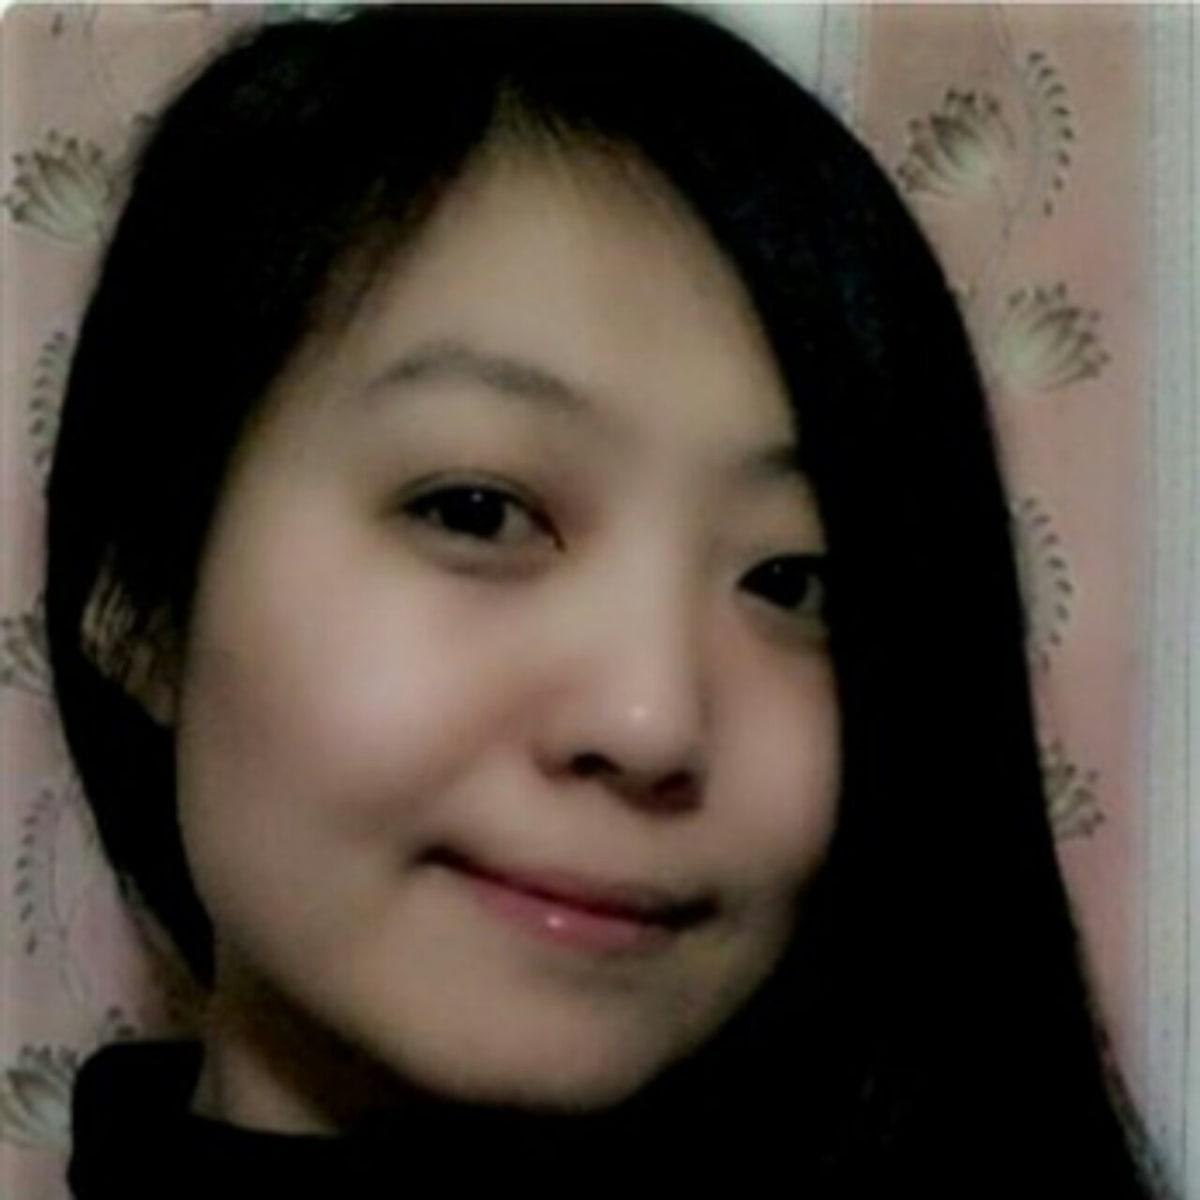 IAmEmilywj from Shenzhen